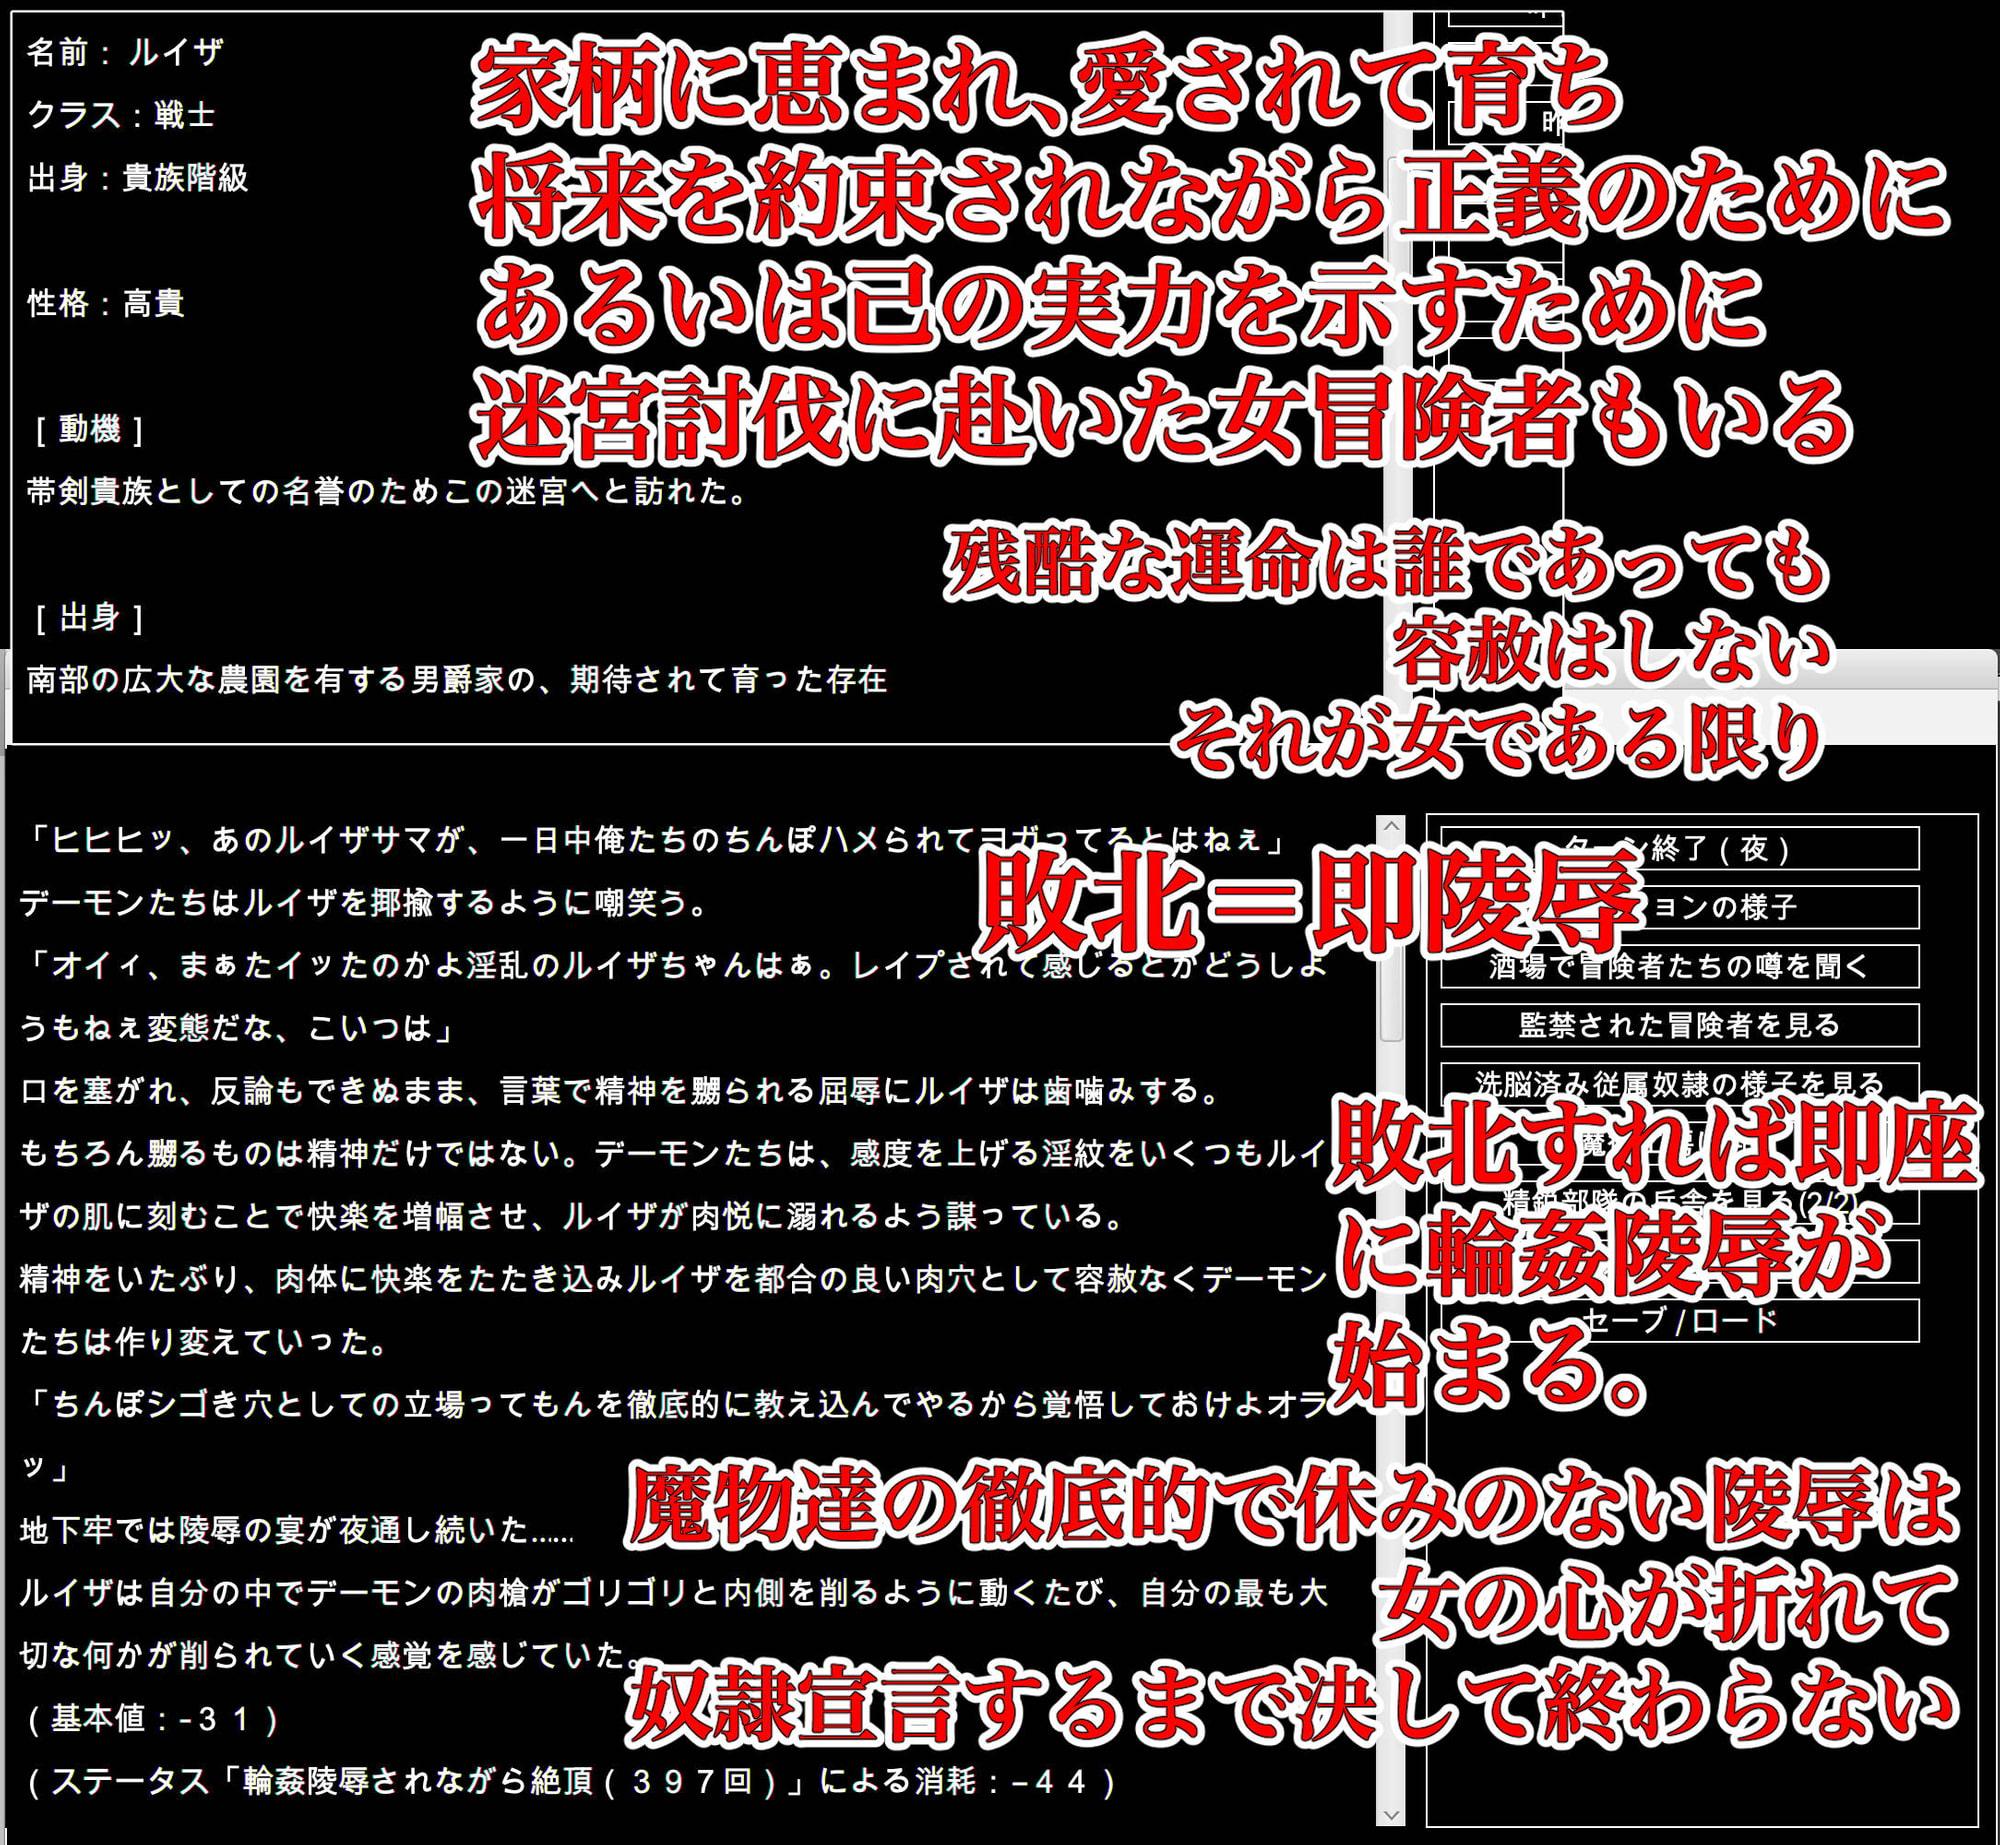 陵辱異種姦ダンジョン〜敗北した女冒険者は魔物の孕み袋〜4